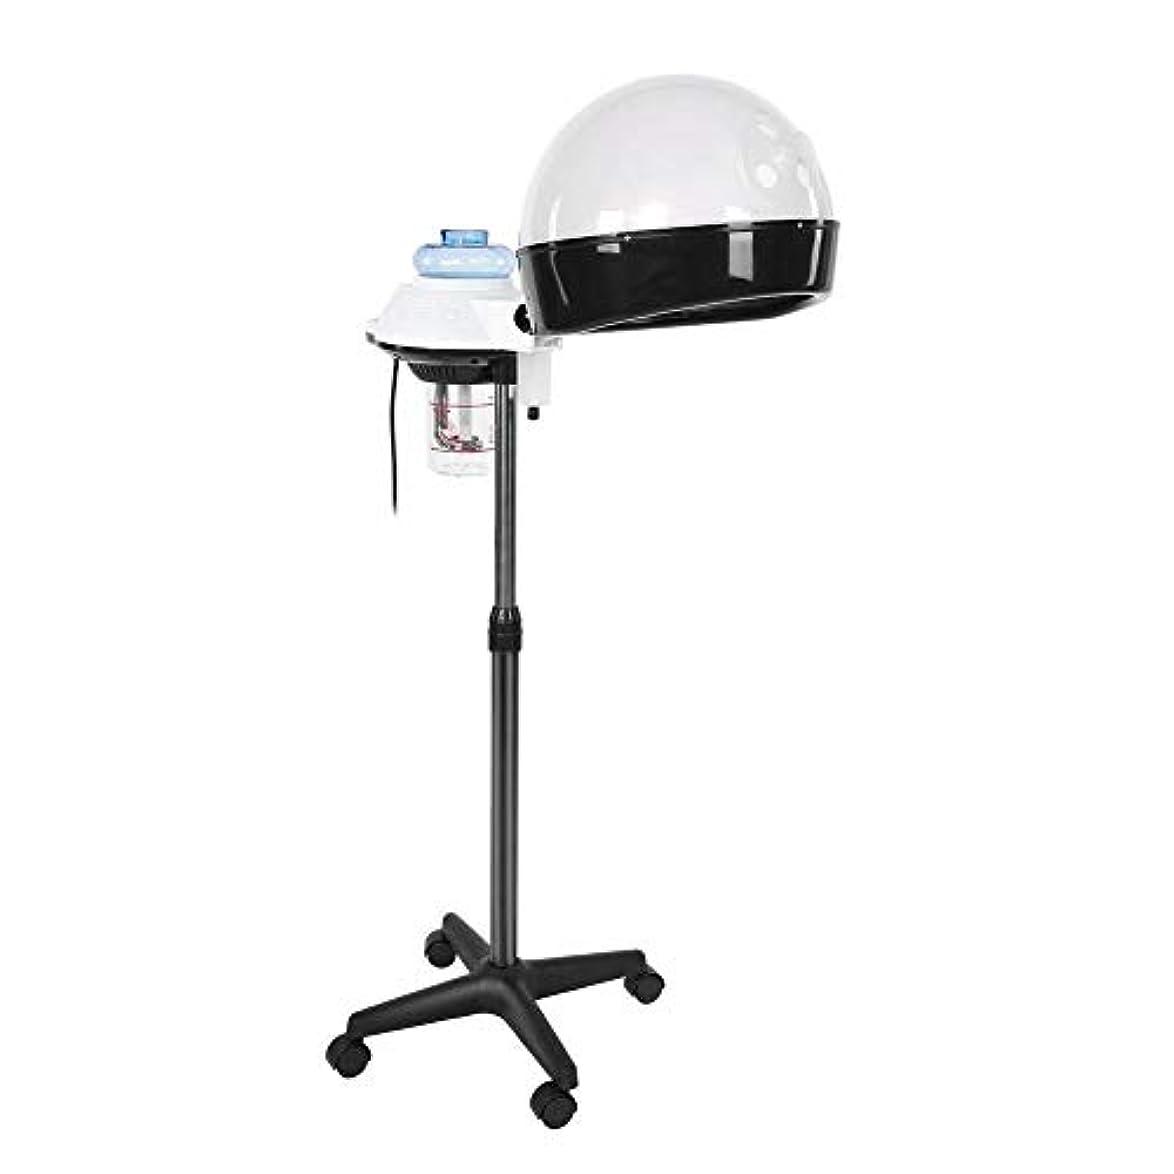 戦闘パレードマウスヘア 加湿器 パーソナルケア用のデザイン ホットミストオゾンヘアセラピー美容機器 個人用家庭用 (US)